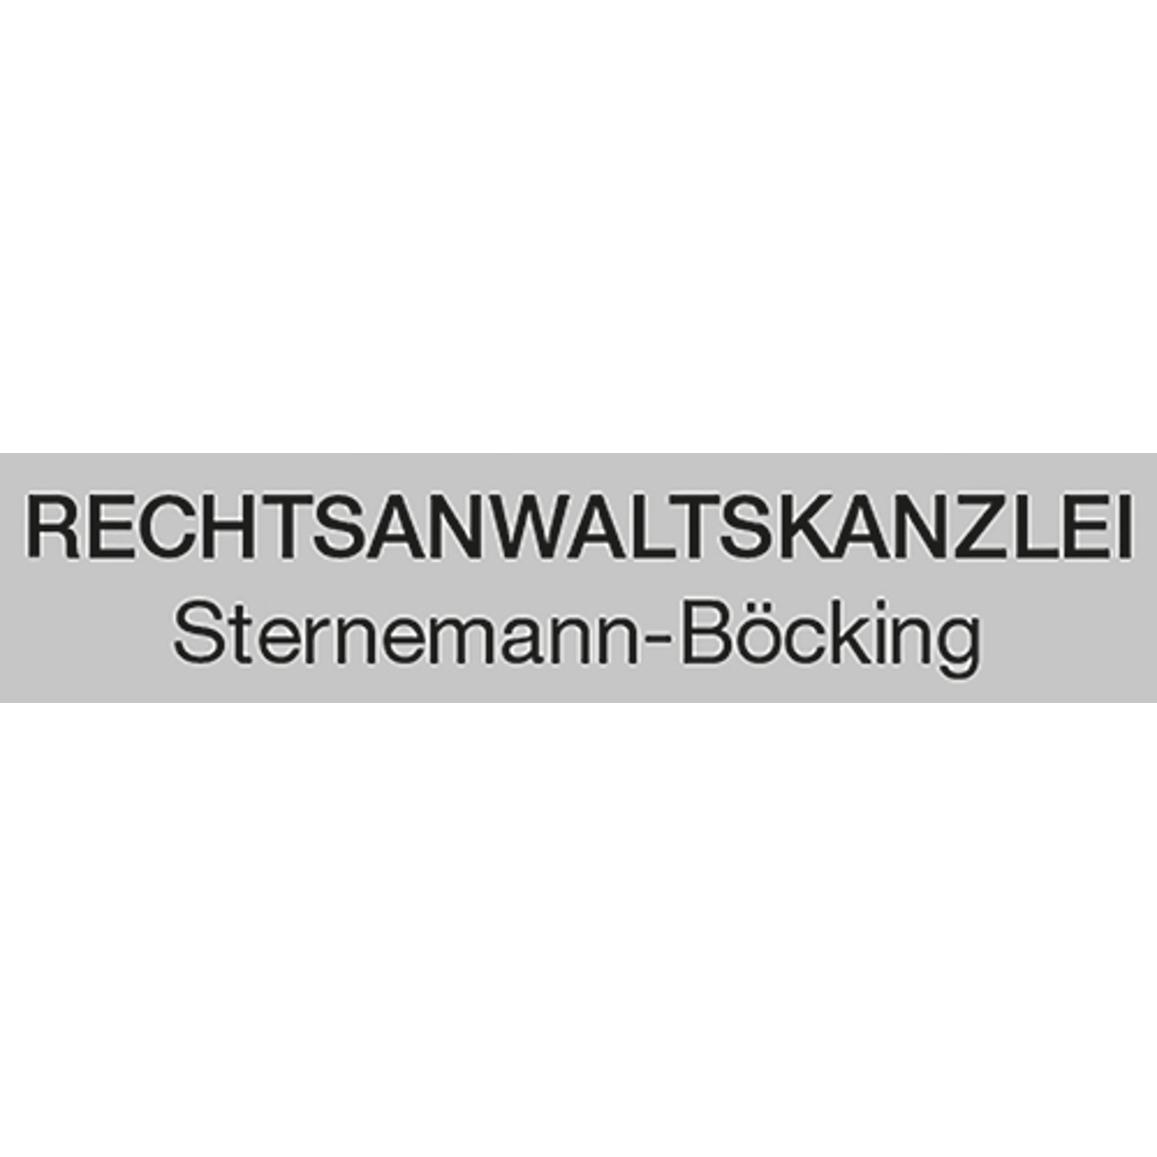 Bild zu Rechtsanwaltskanzlei Sternemann-Böcking in Neuss